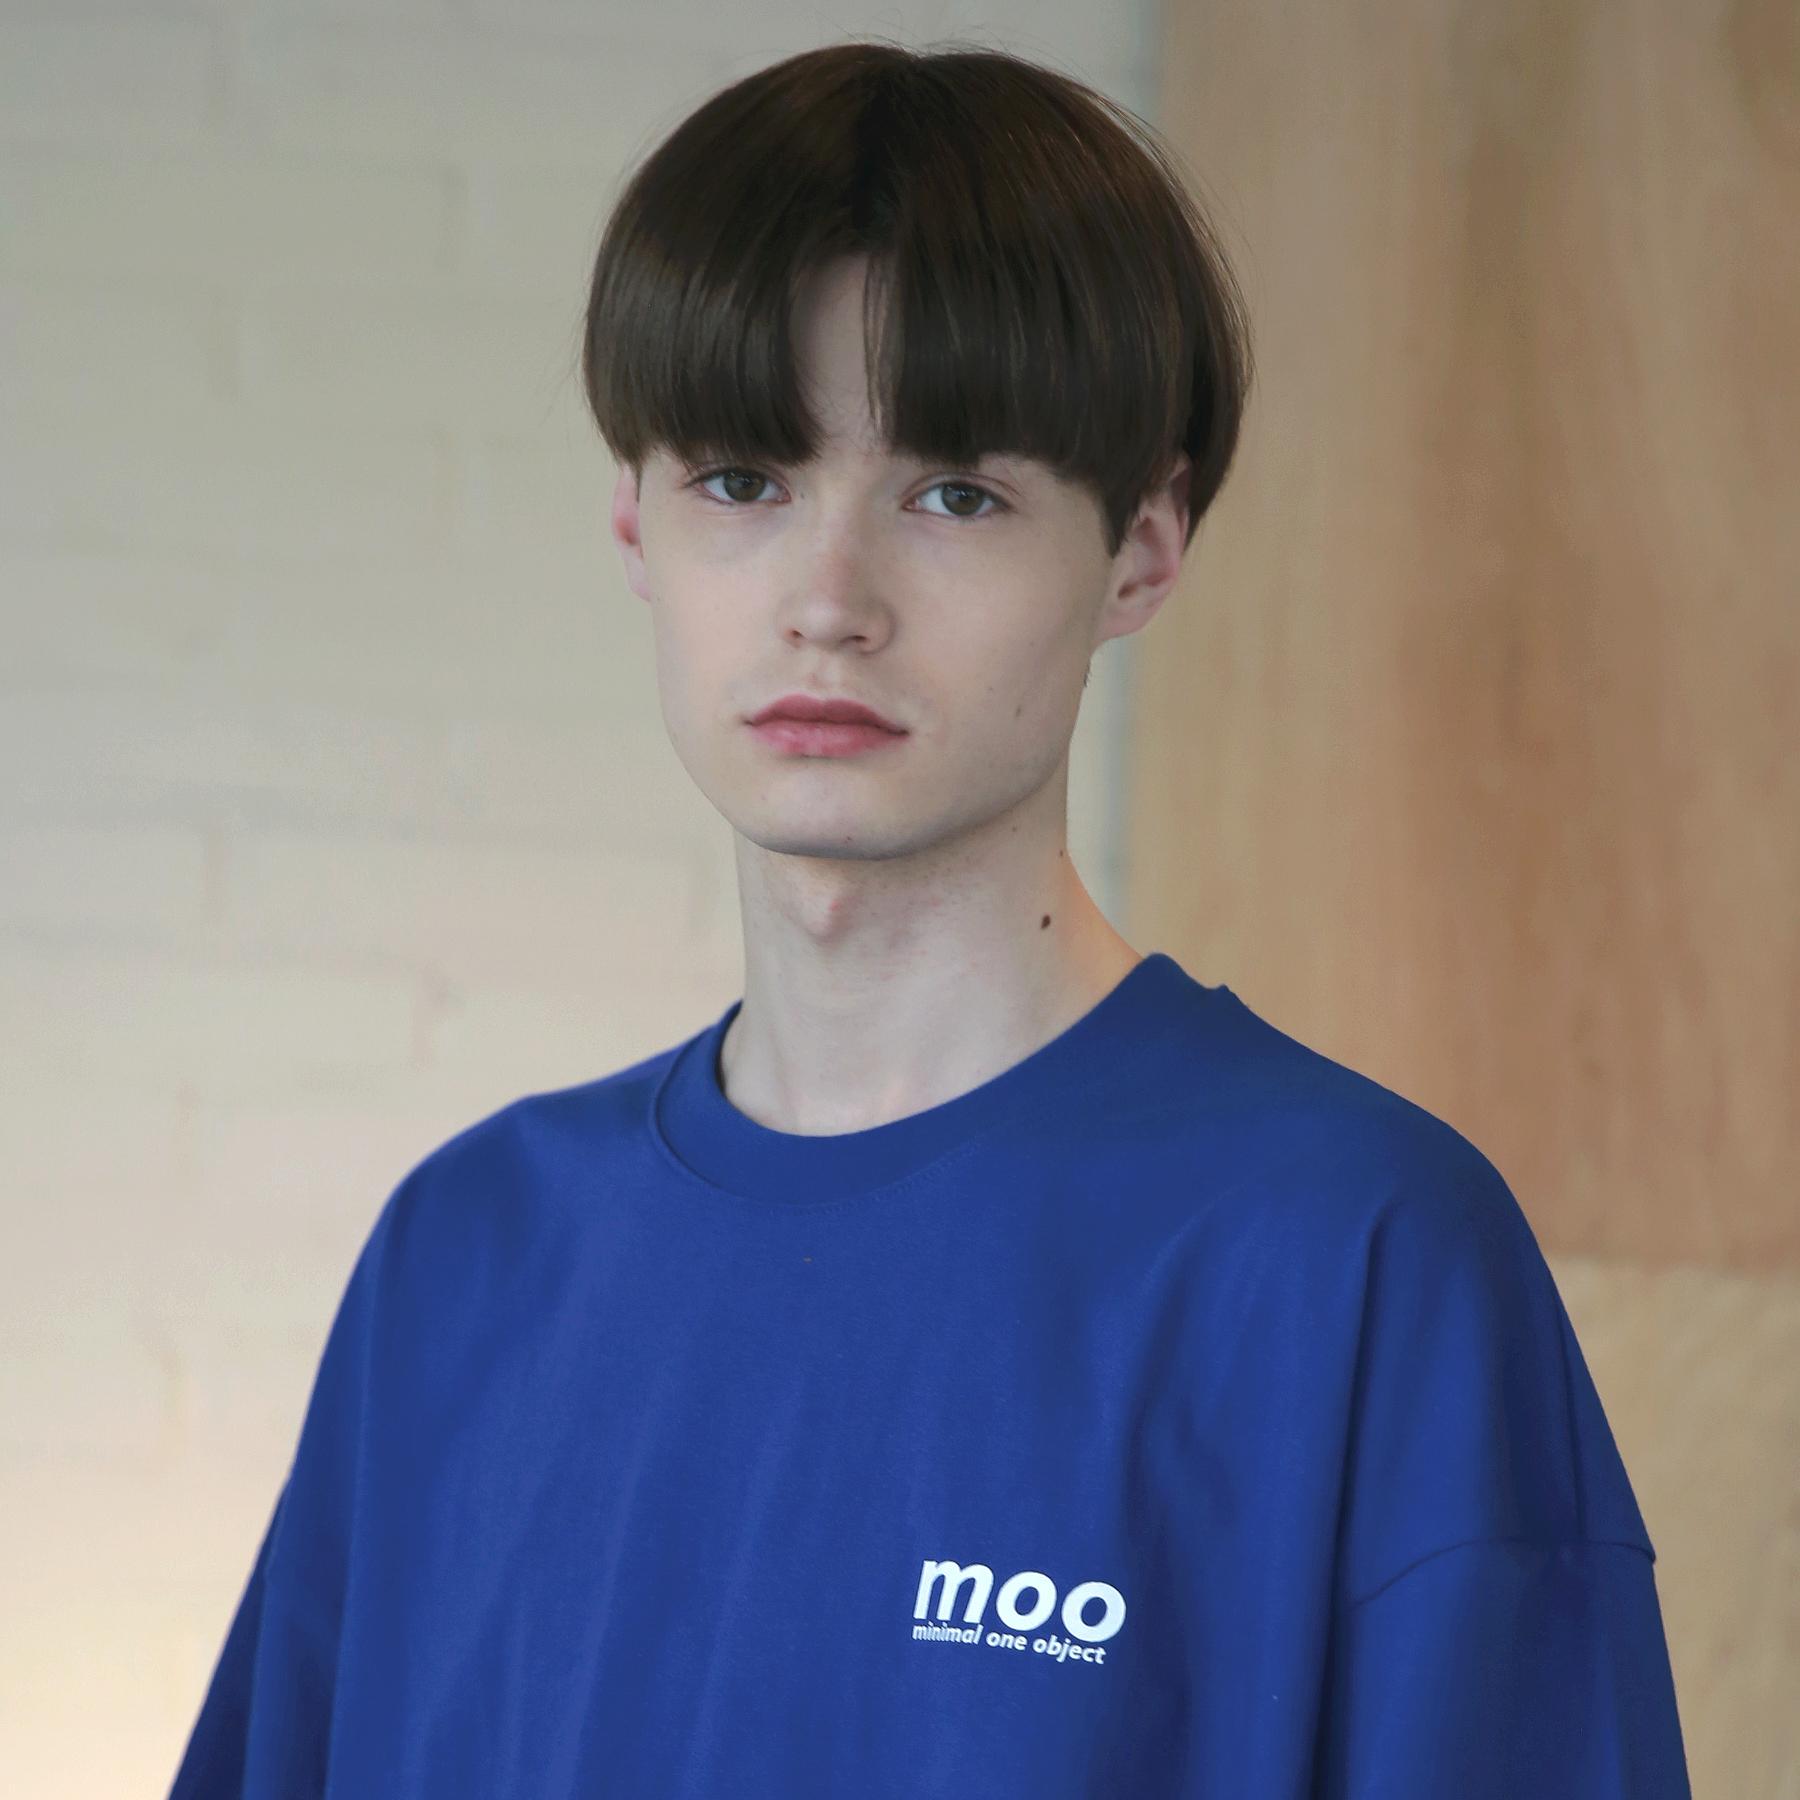 MOO 심벌라이즈 오버핏 반팔티 코발트